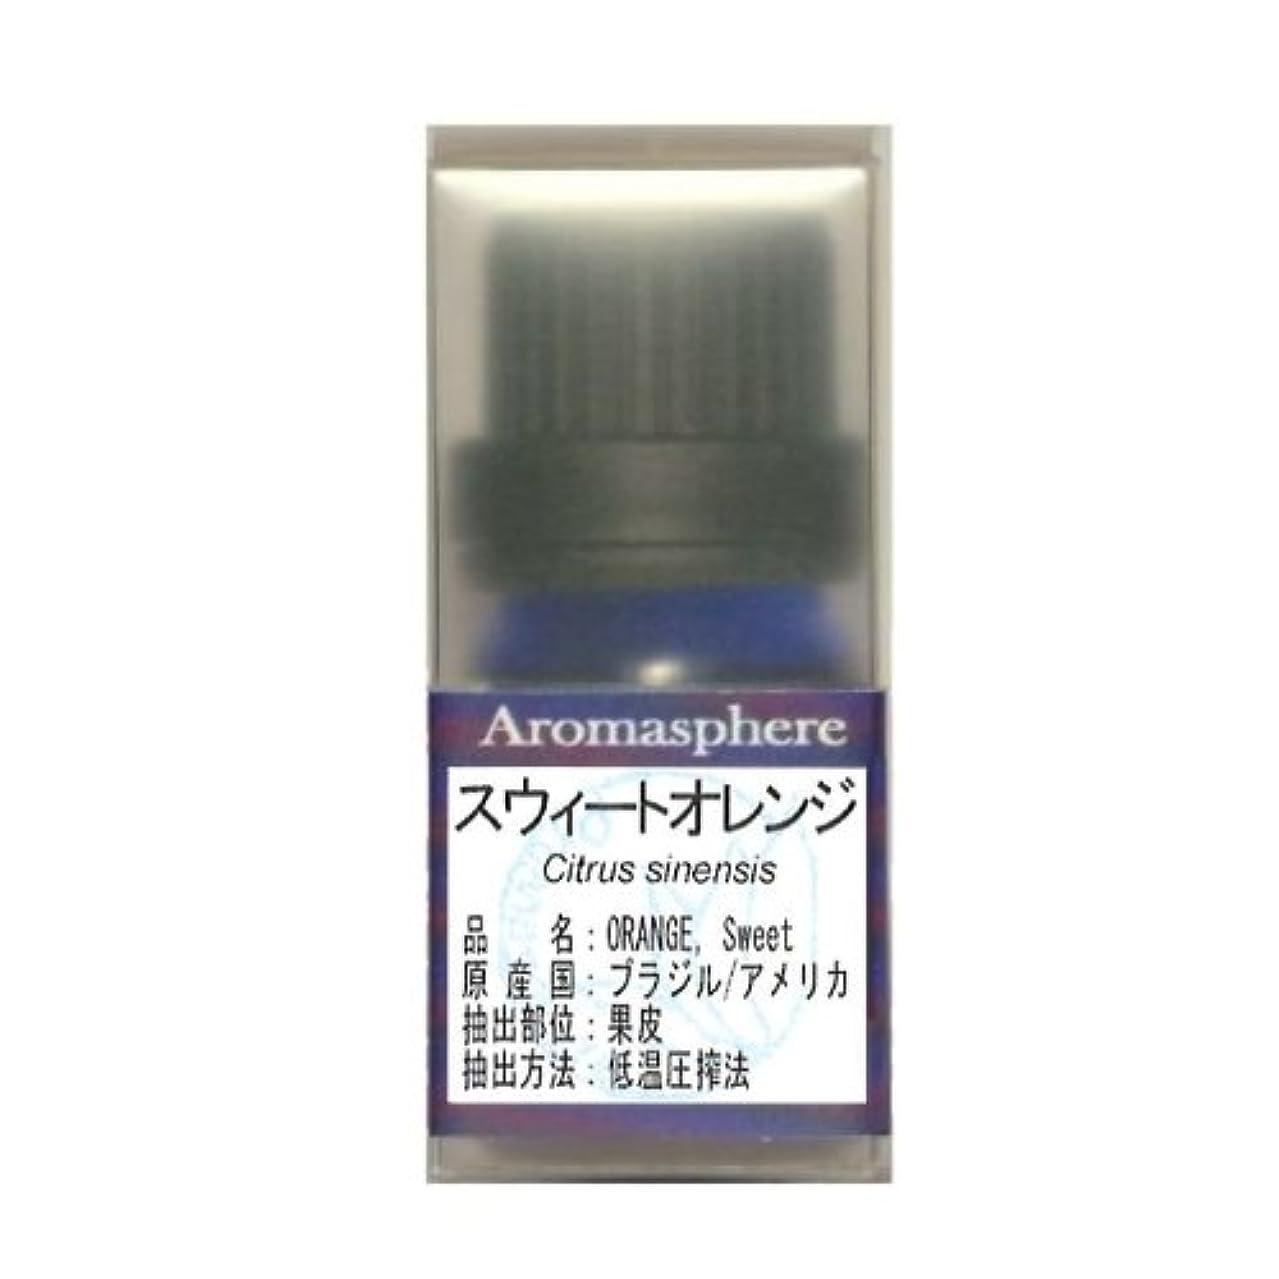 ドライあざプログラム【アロマスフィア】スウィートオレンジ 5ml エッセンシャルオイル(精油)